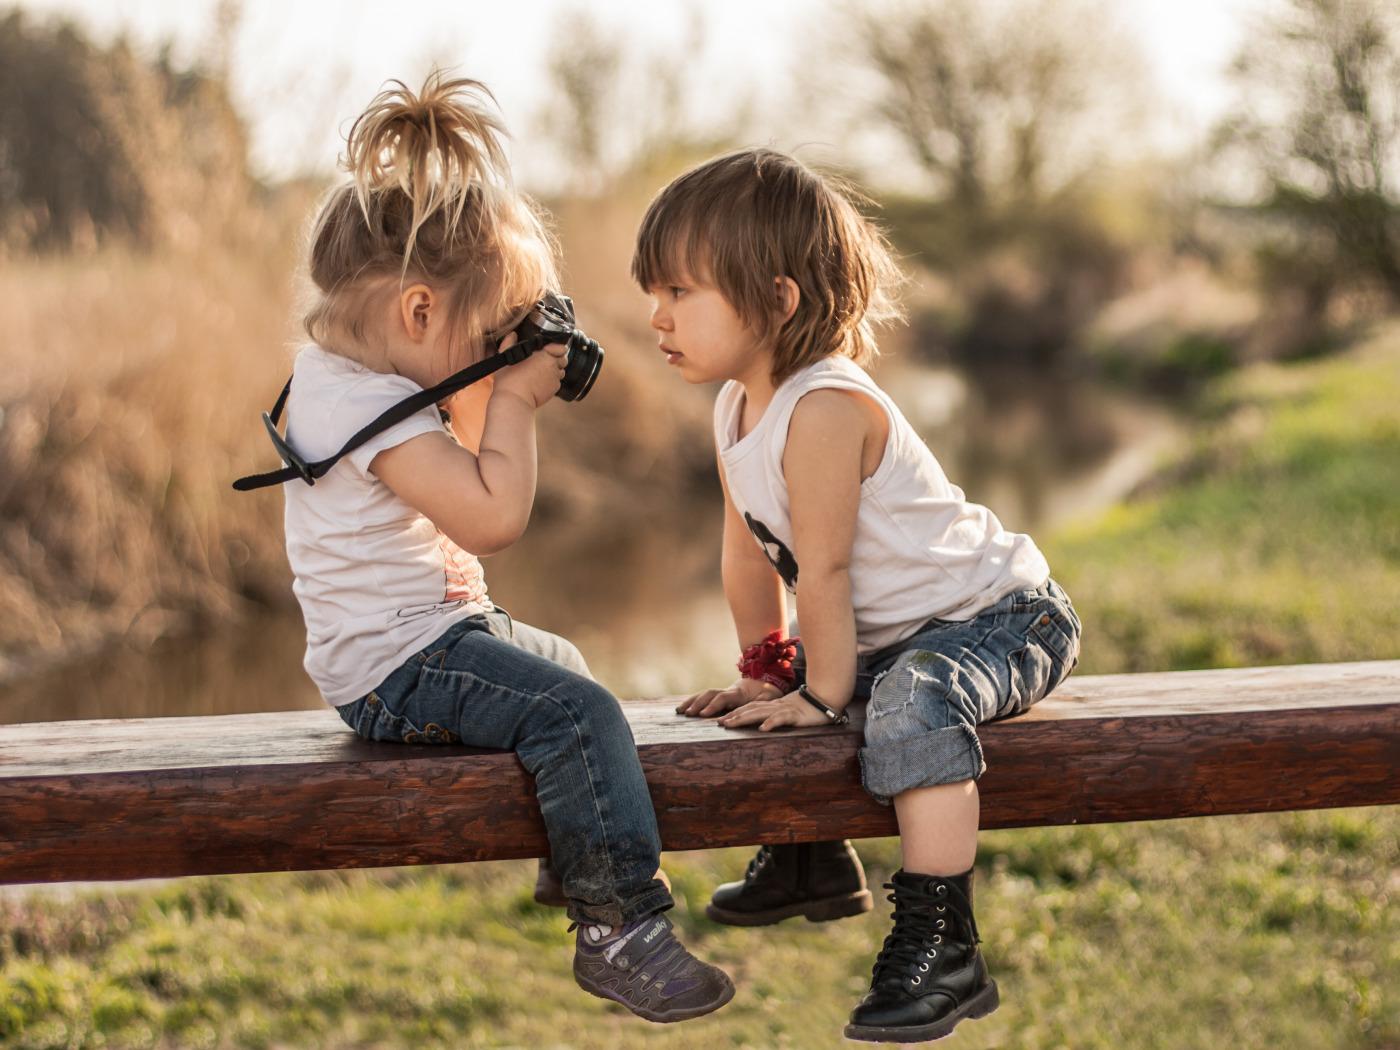 Картинки девочка и мальчик настоящие